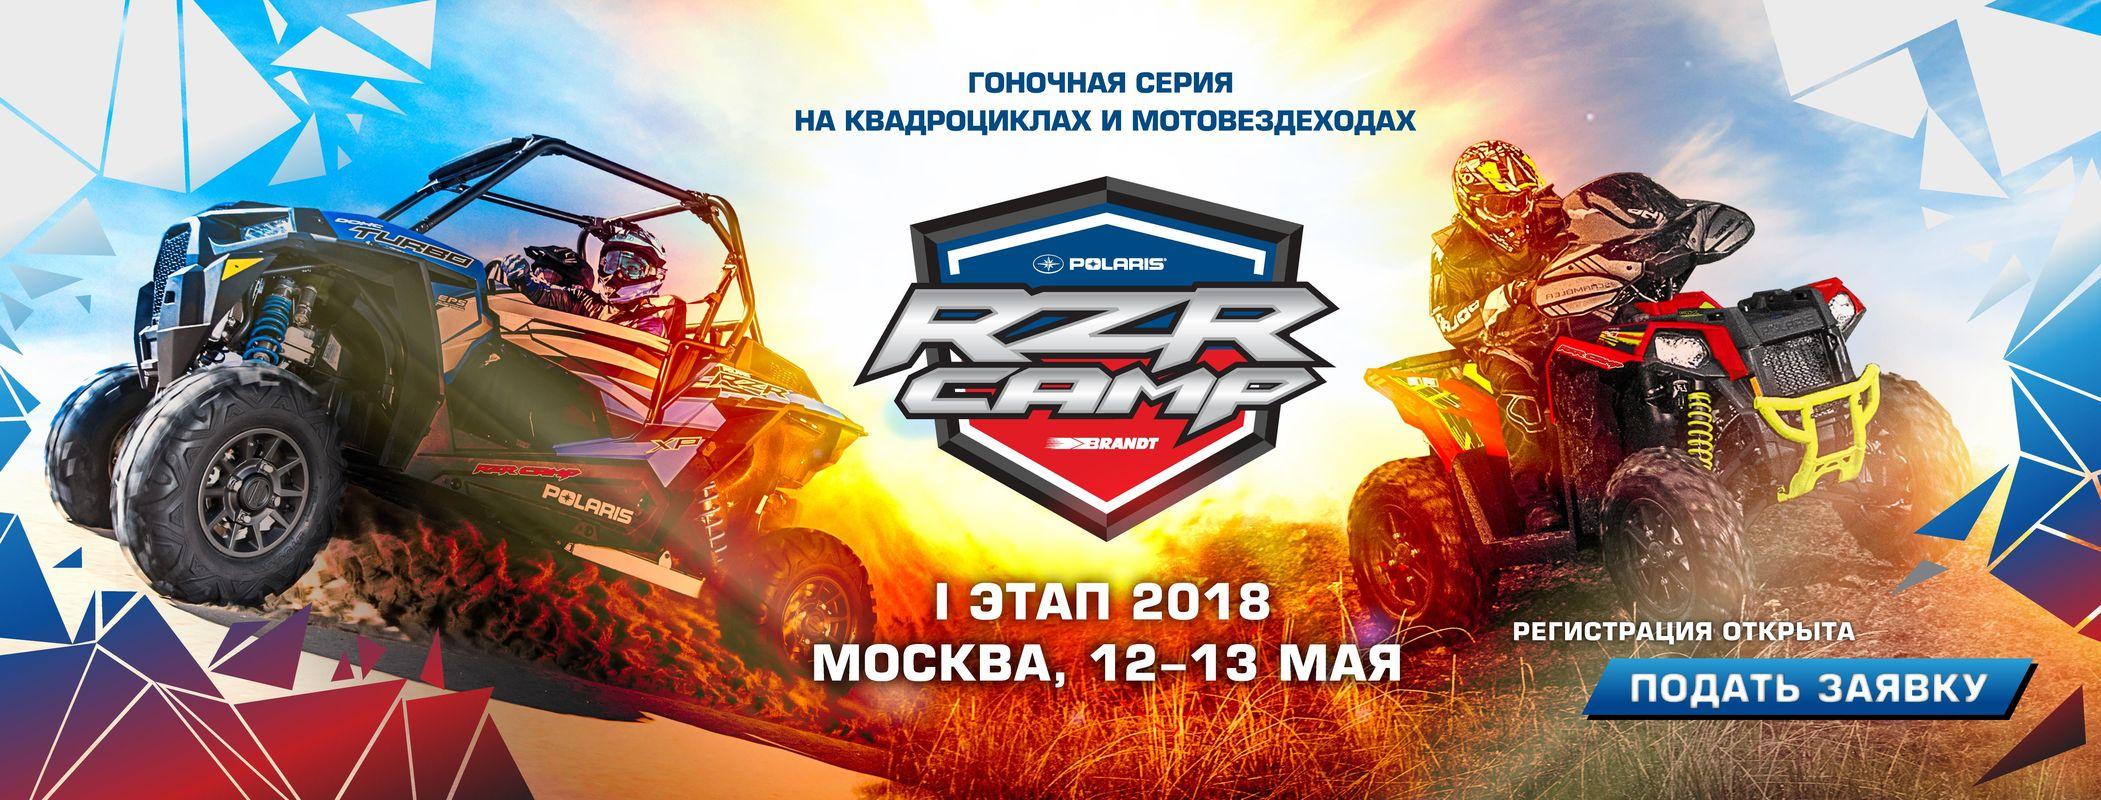 Российская гоночная серия на квадроциклах и мотовездеходах RZR CAMP 2018